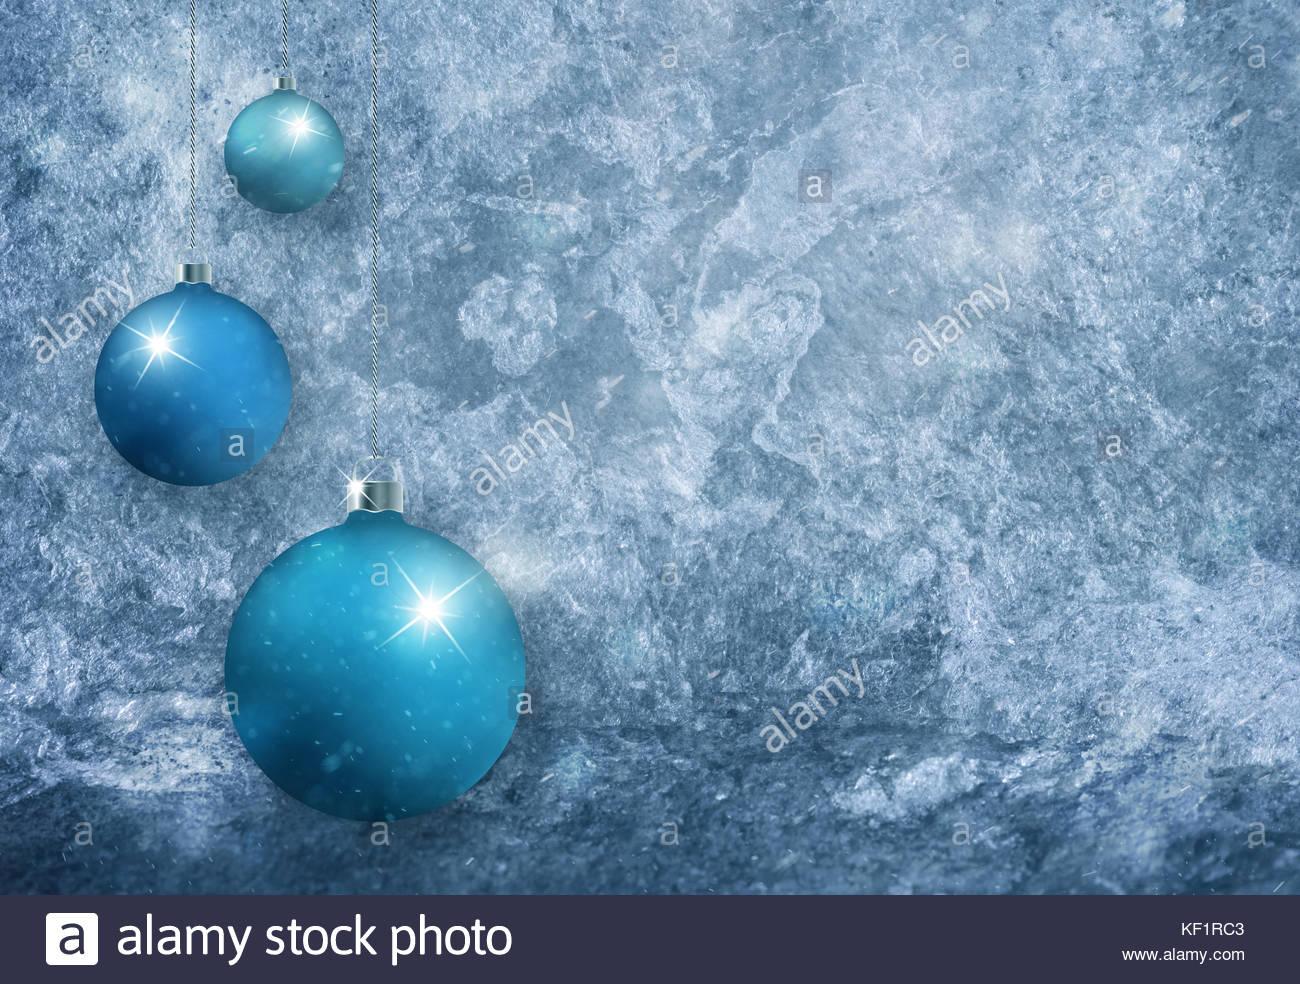 Blu ciano lampadine colorate con sparkle in bright sfocata color